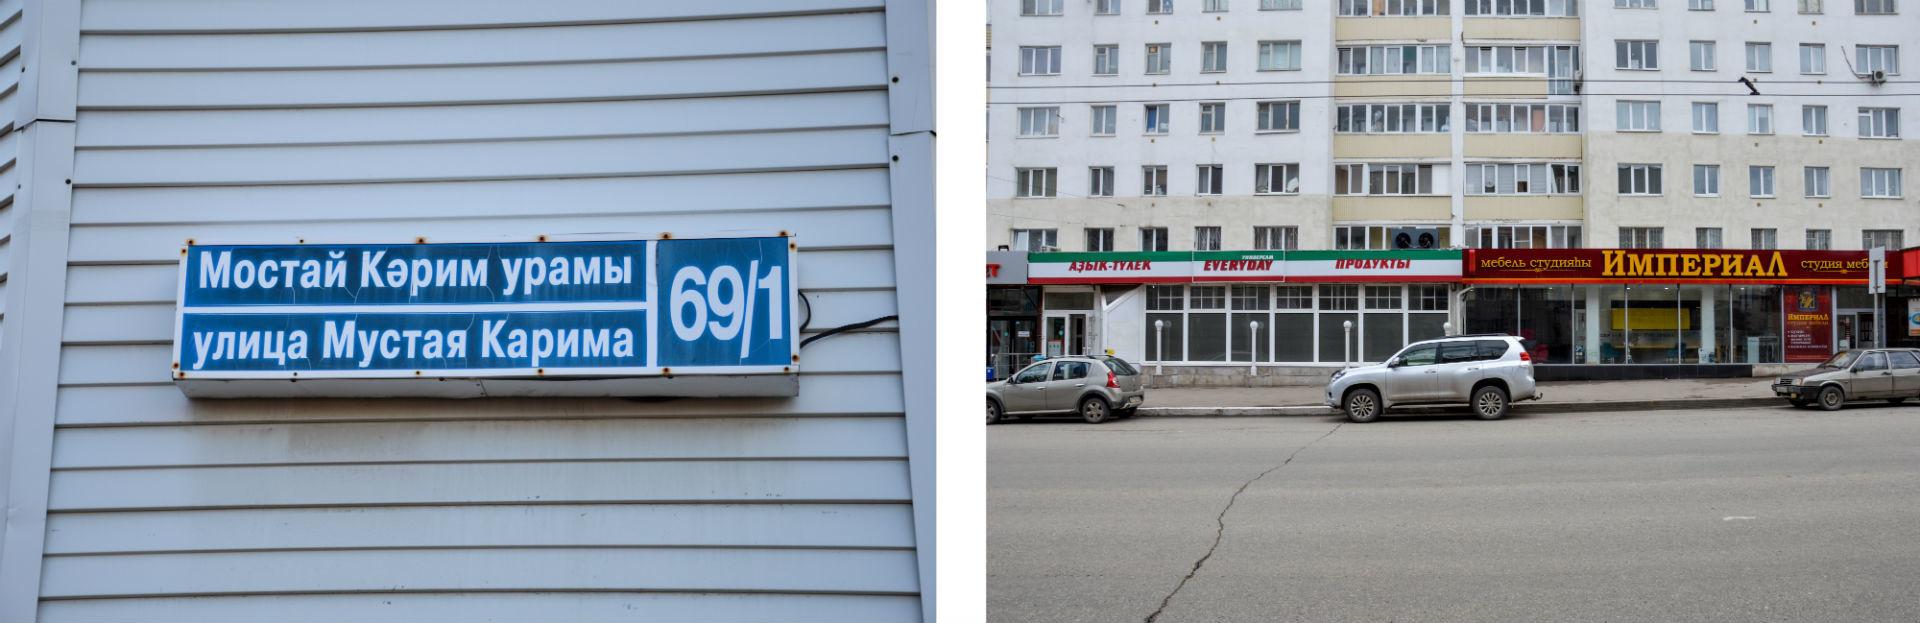 Ici, tout est indiqué à la fois en bachkir et en russe, et souvent la langue locale est placée en première.